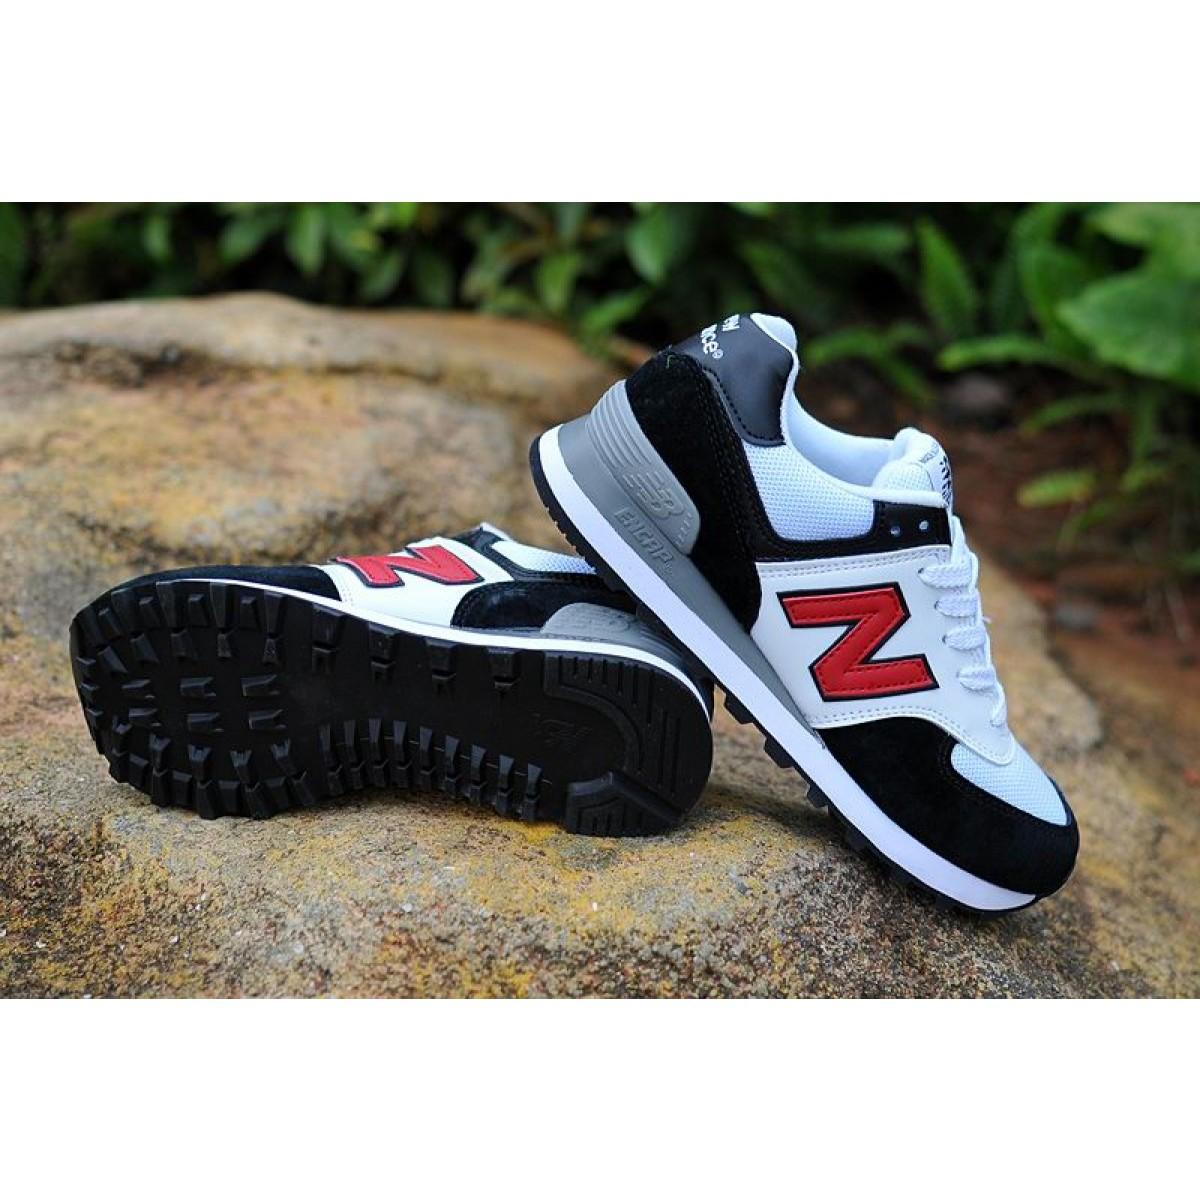 Chaussures Balance président New Achat Vente 574 Femme Produits x8wAnTtq0